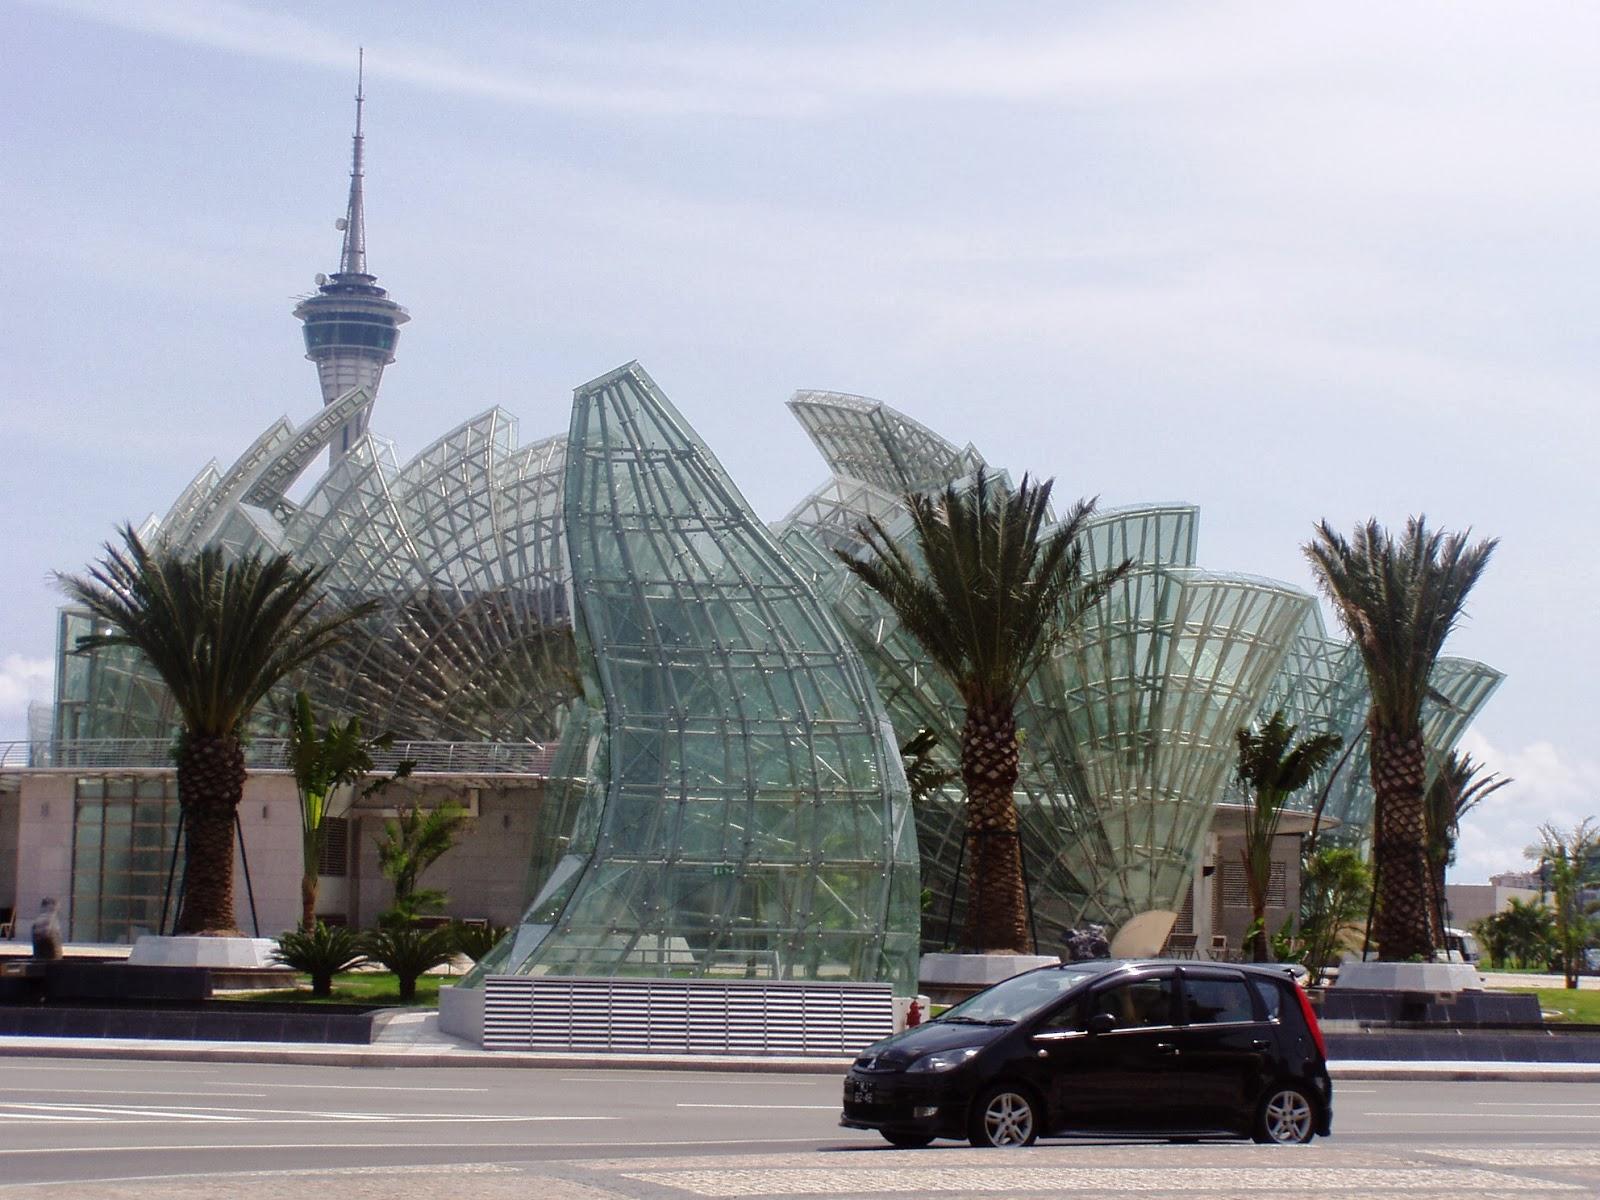 Macau art